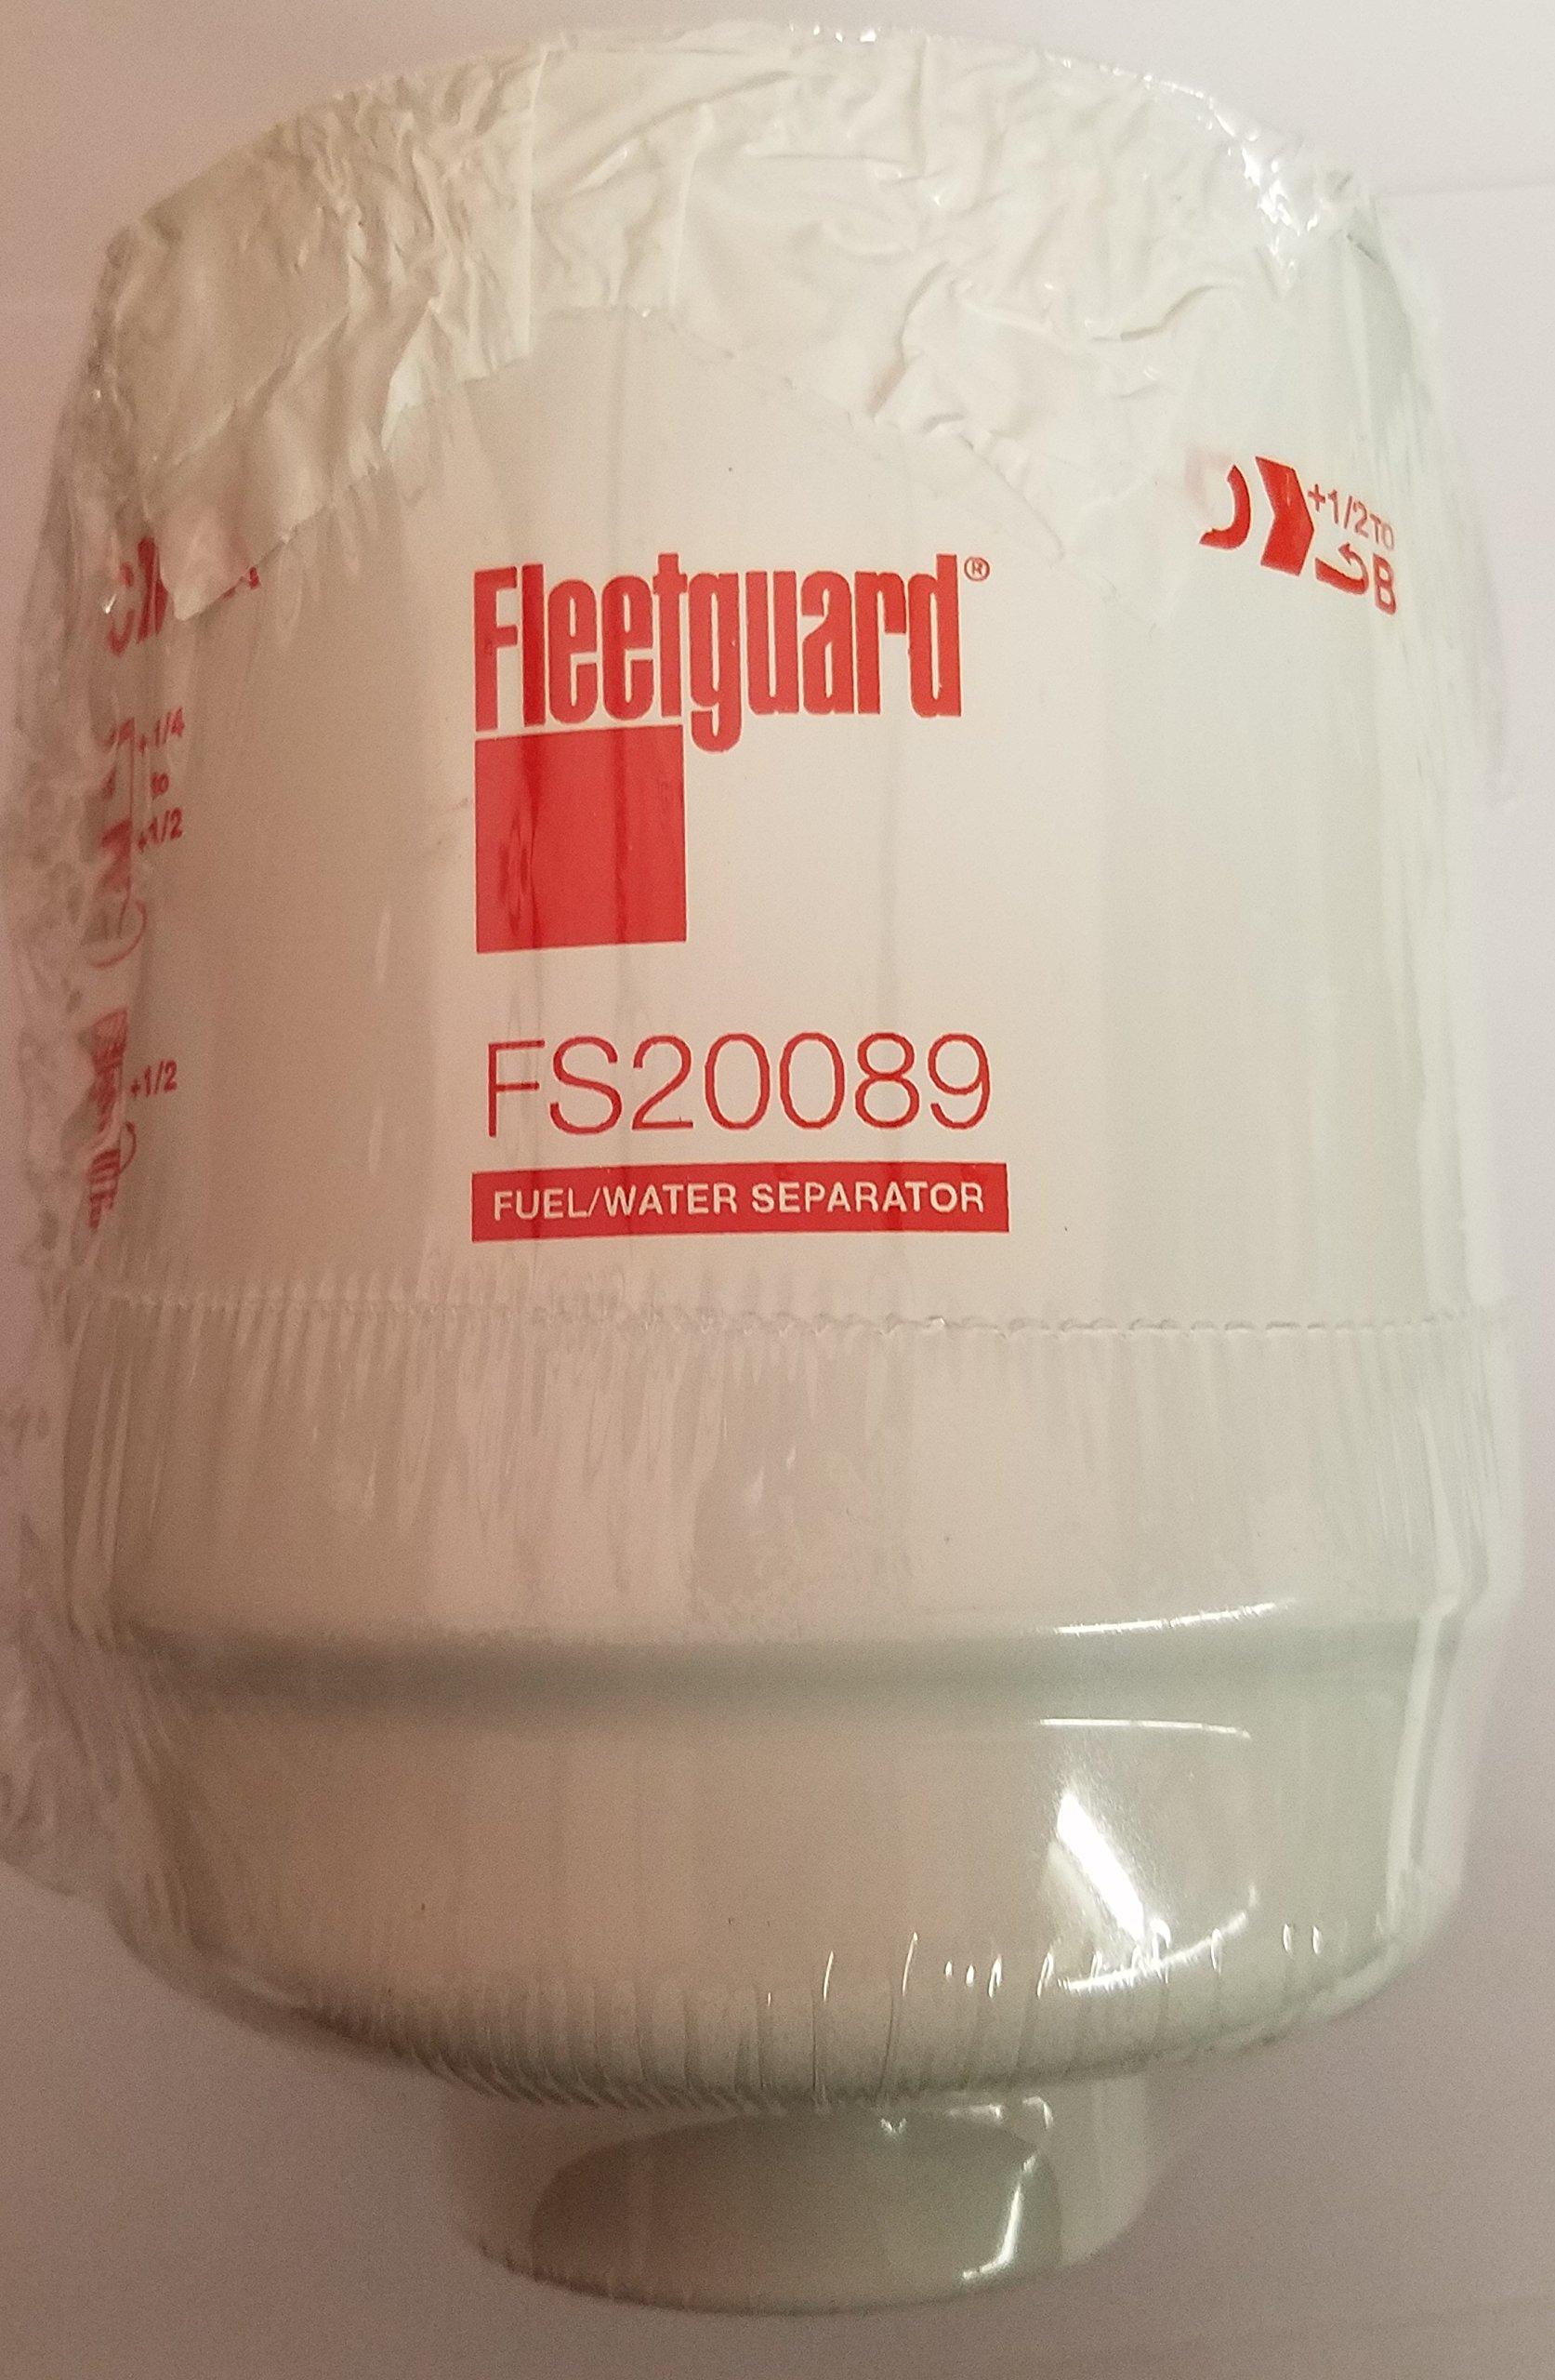 Fleetguard FS20089 Fuel Filter